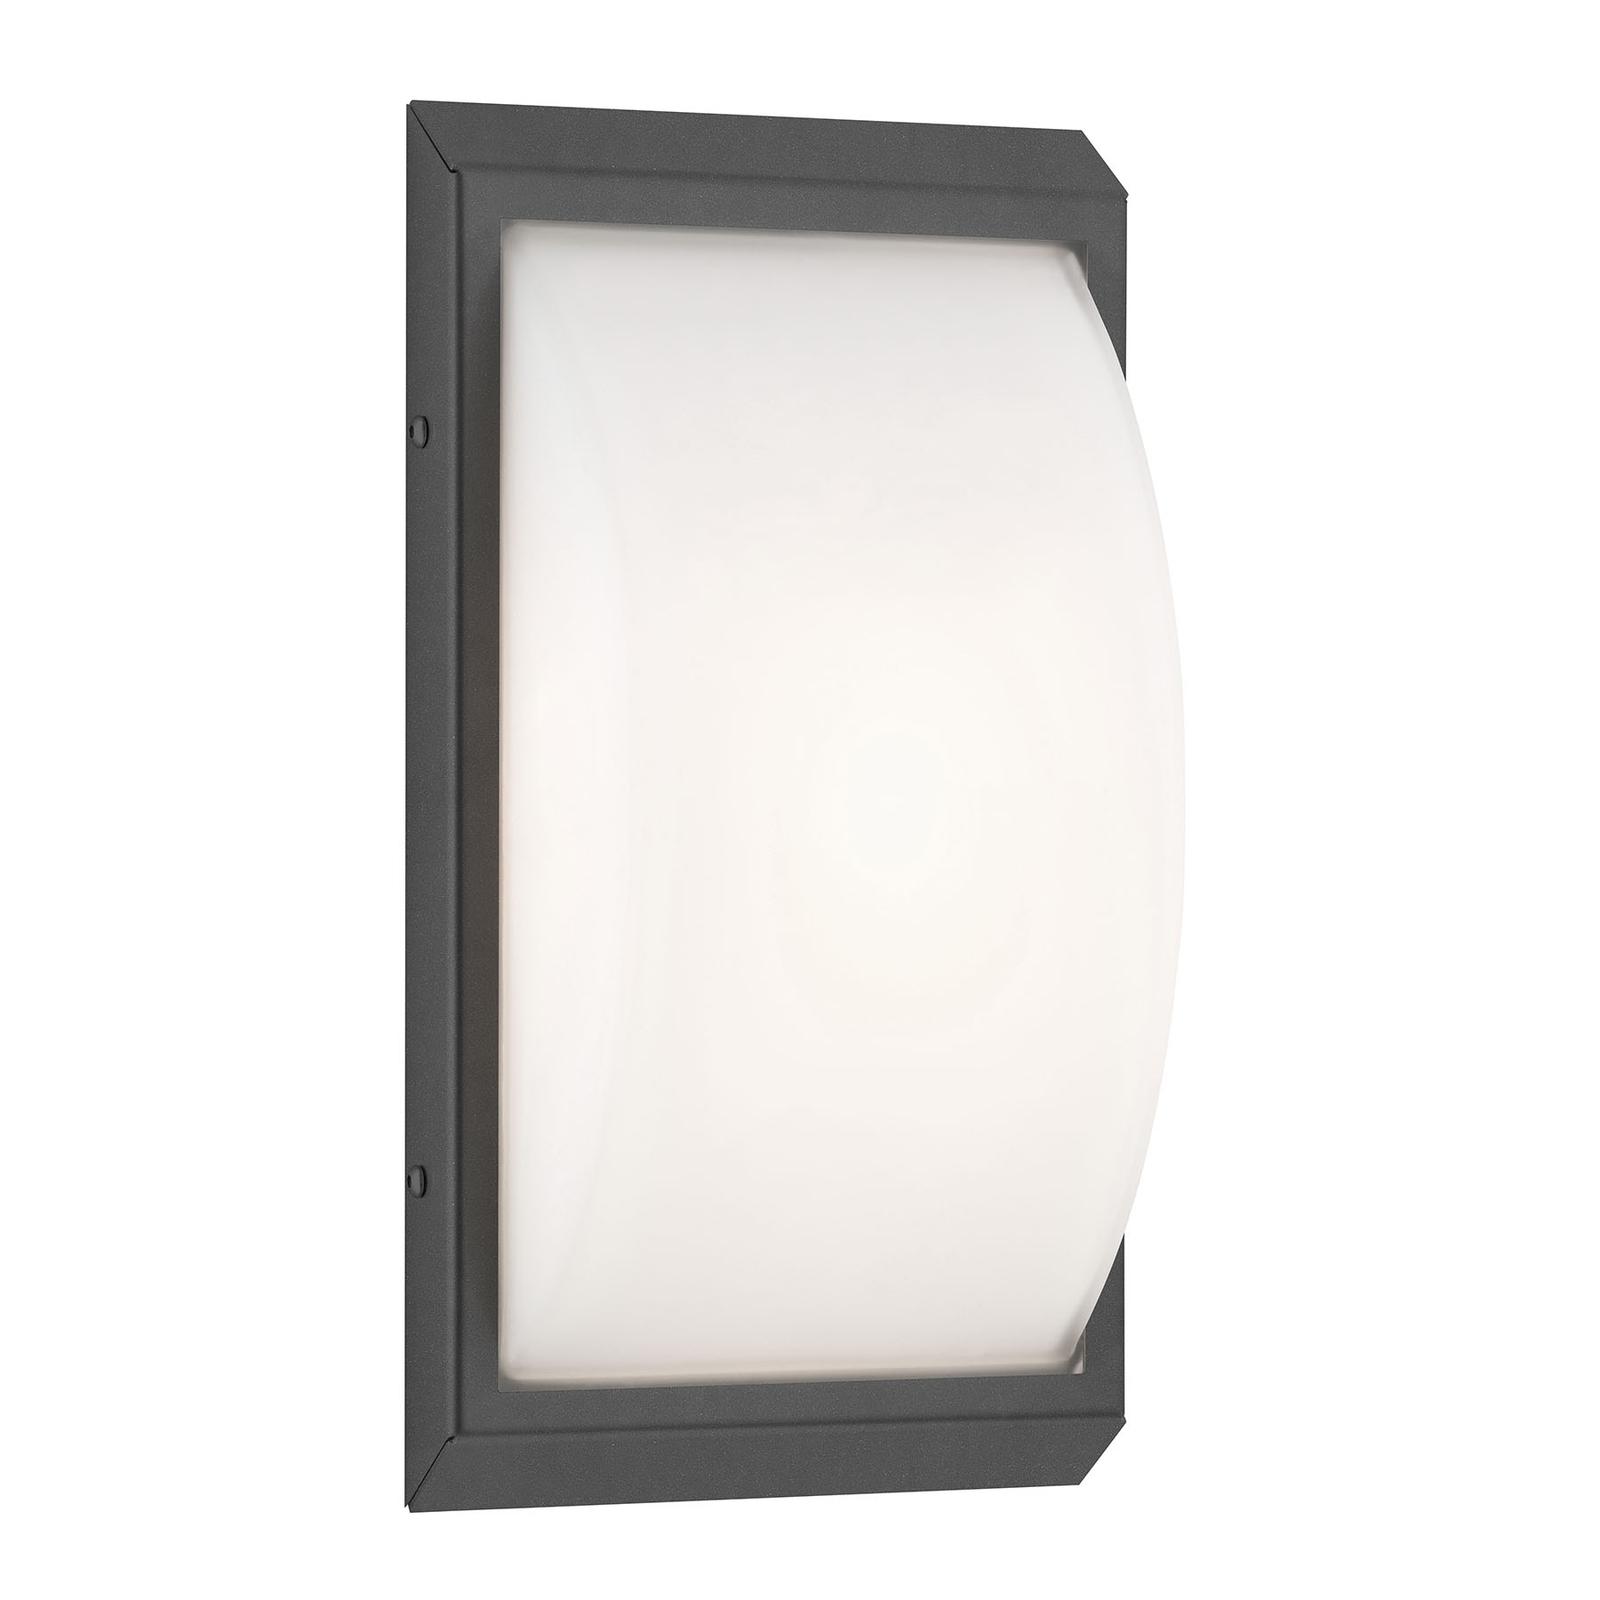 Utendørs LED-vegglampe 053 sensor, grafitt